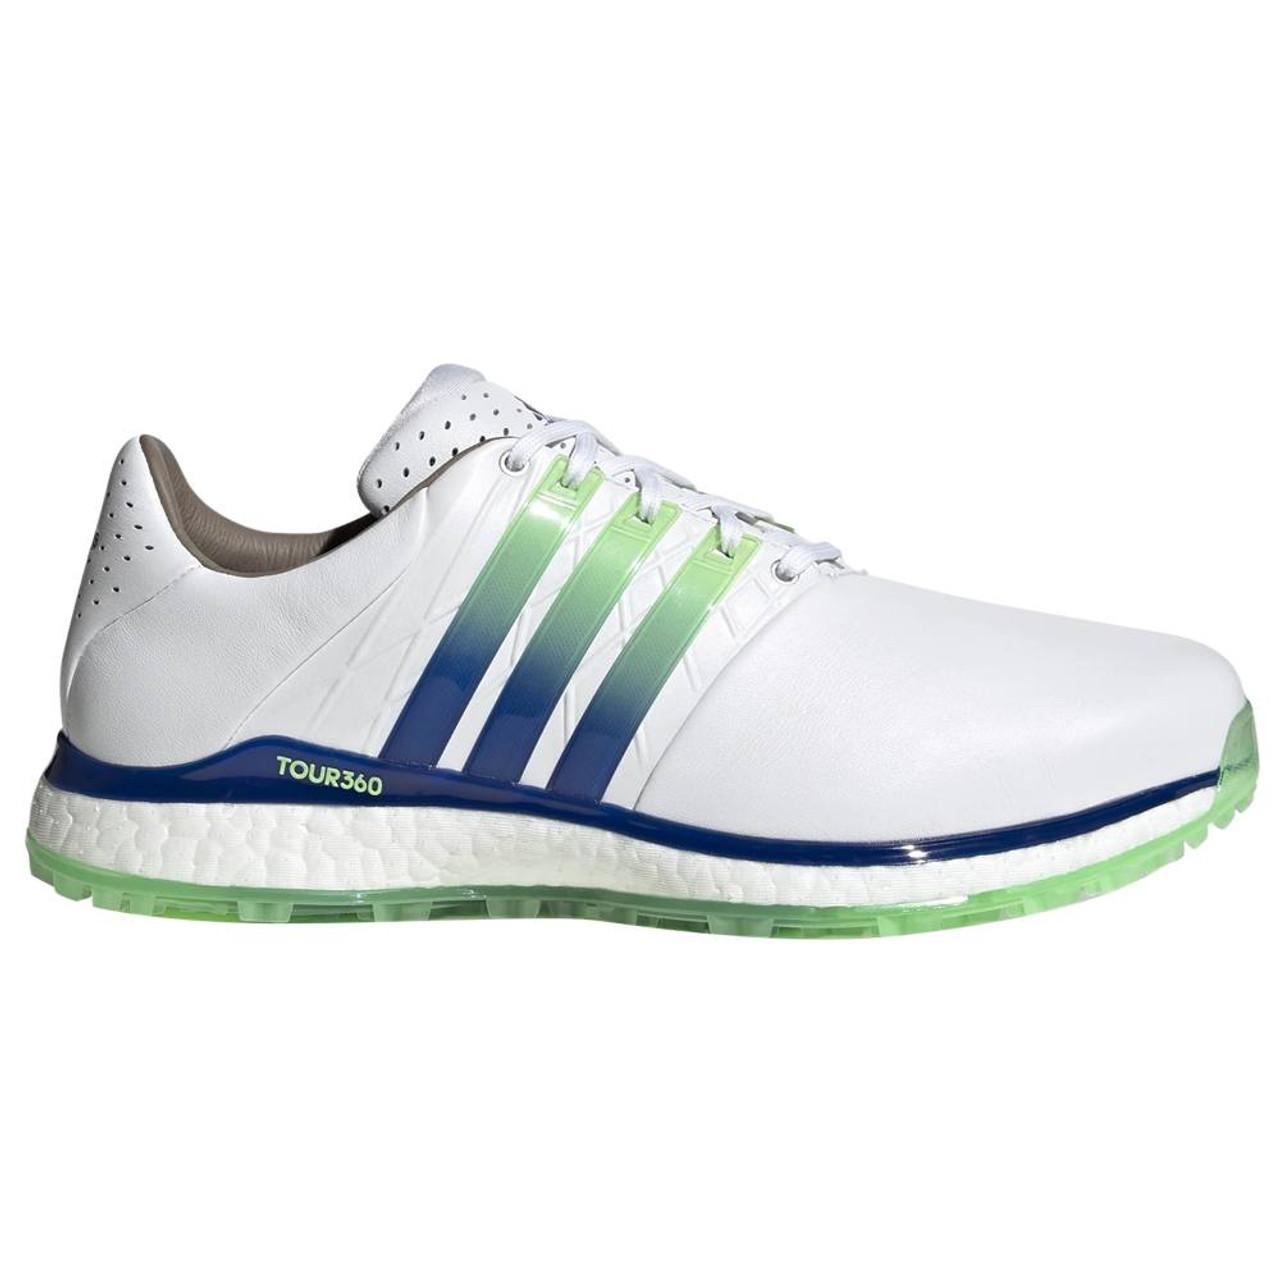 Adidas Tour360 XT-SL 2 Spikeless Golf Shoes 2020